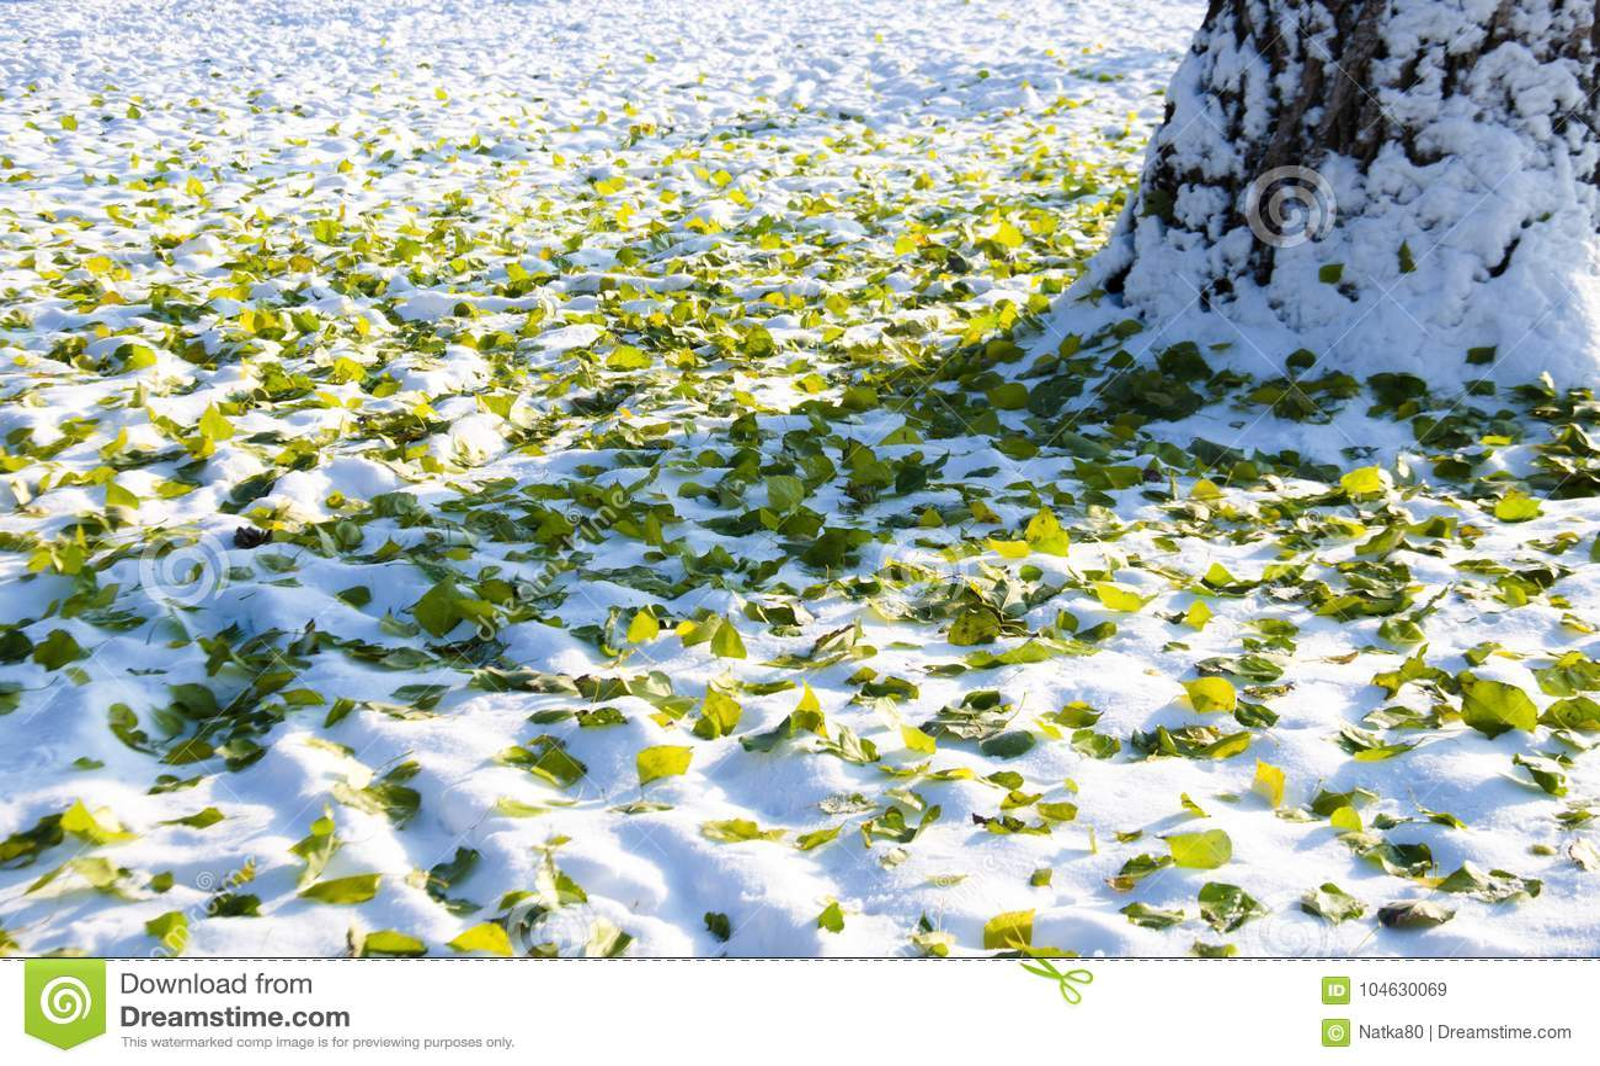 Download Bladeren Van Groen En Geel In De Sneeuw Stock Afbeelding - Afbeelding bestaande uit november, mooi: 104630069